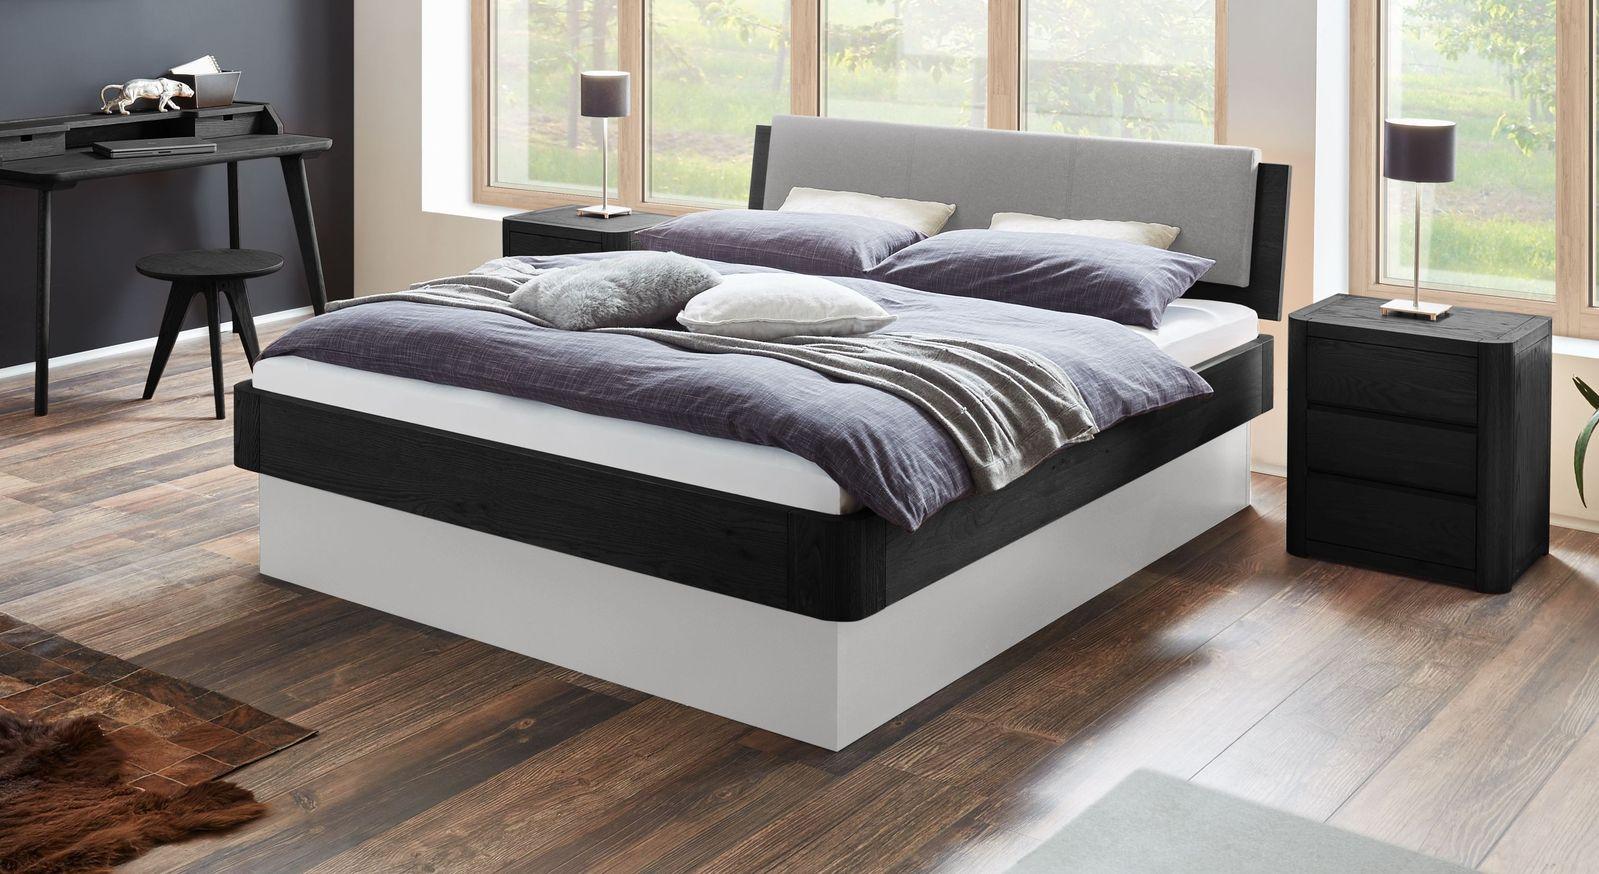 Graphitfarbenes Bett Otavalo mit weißem Sockel